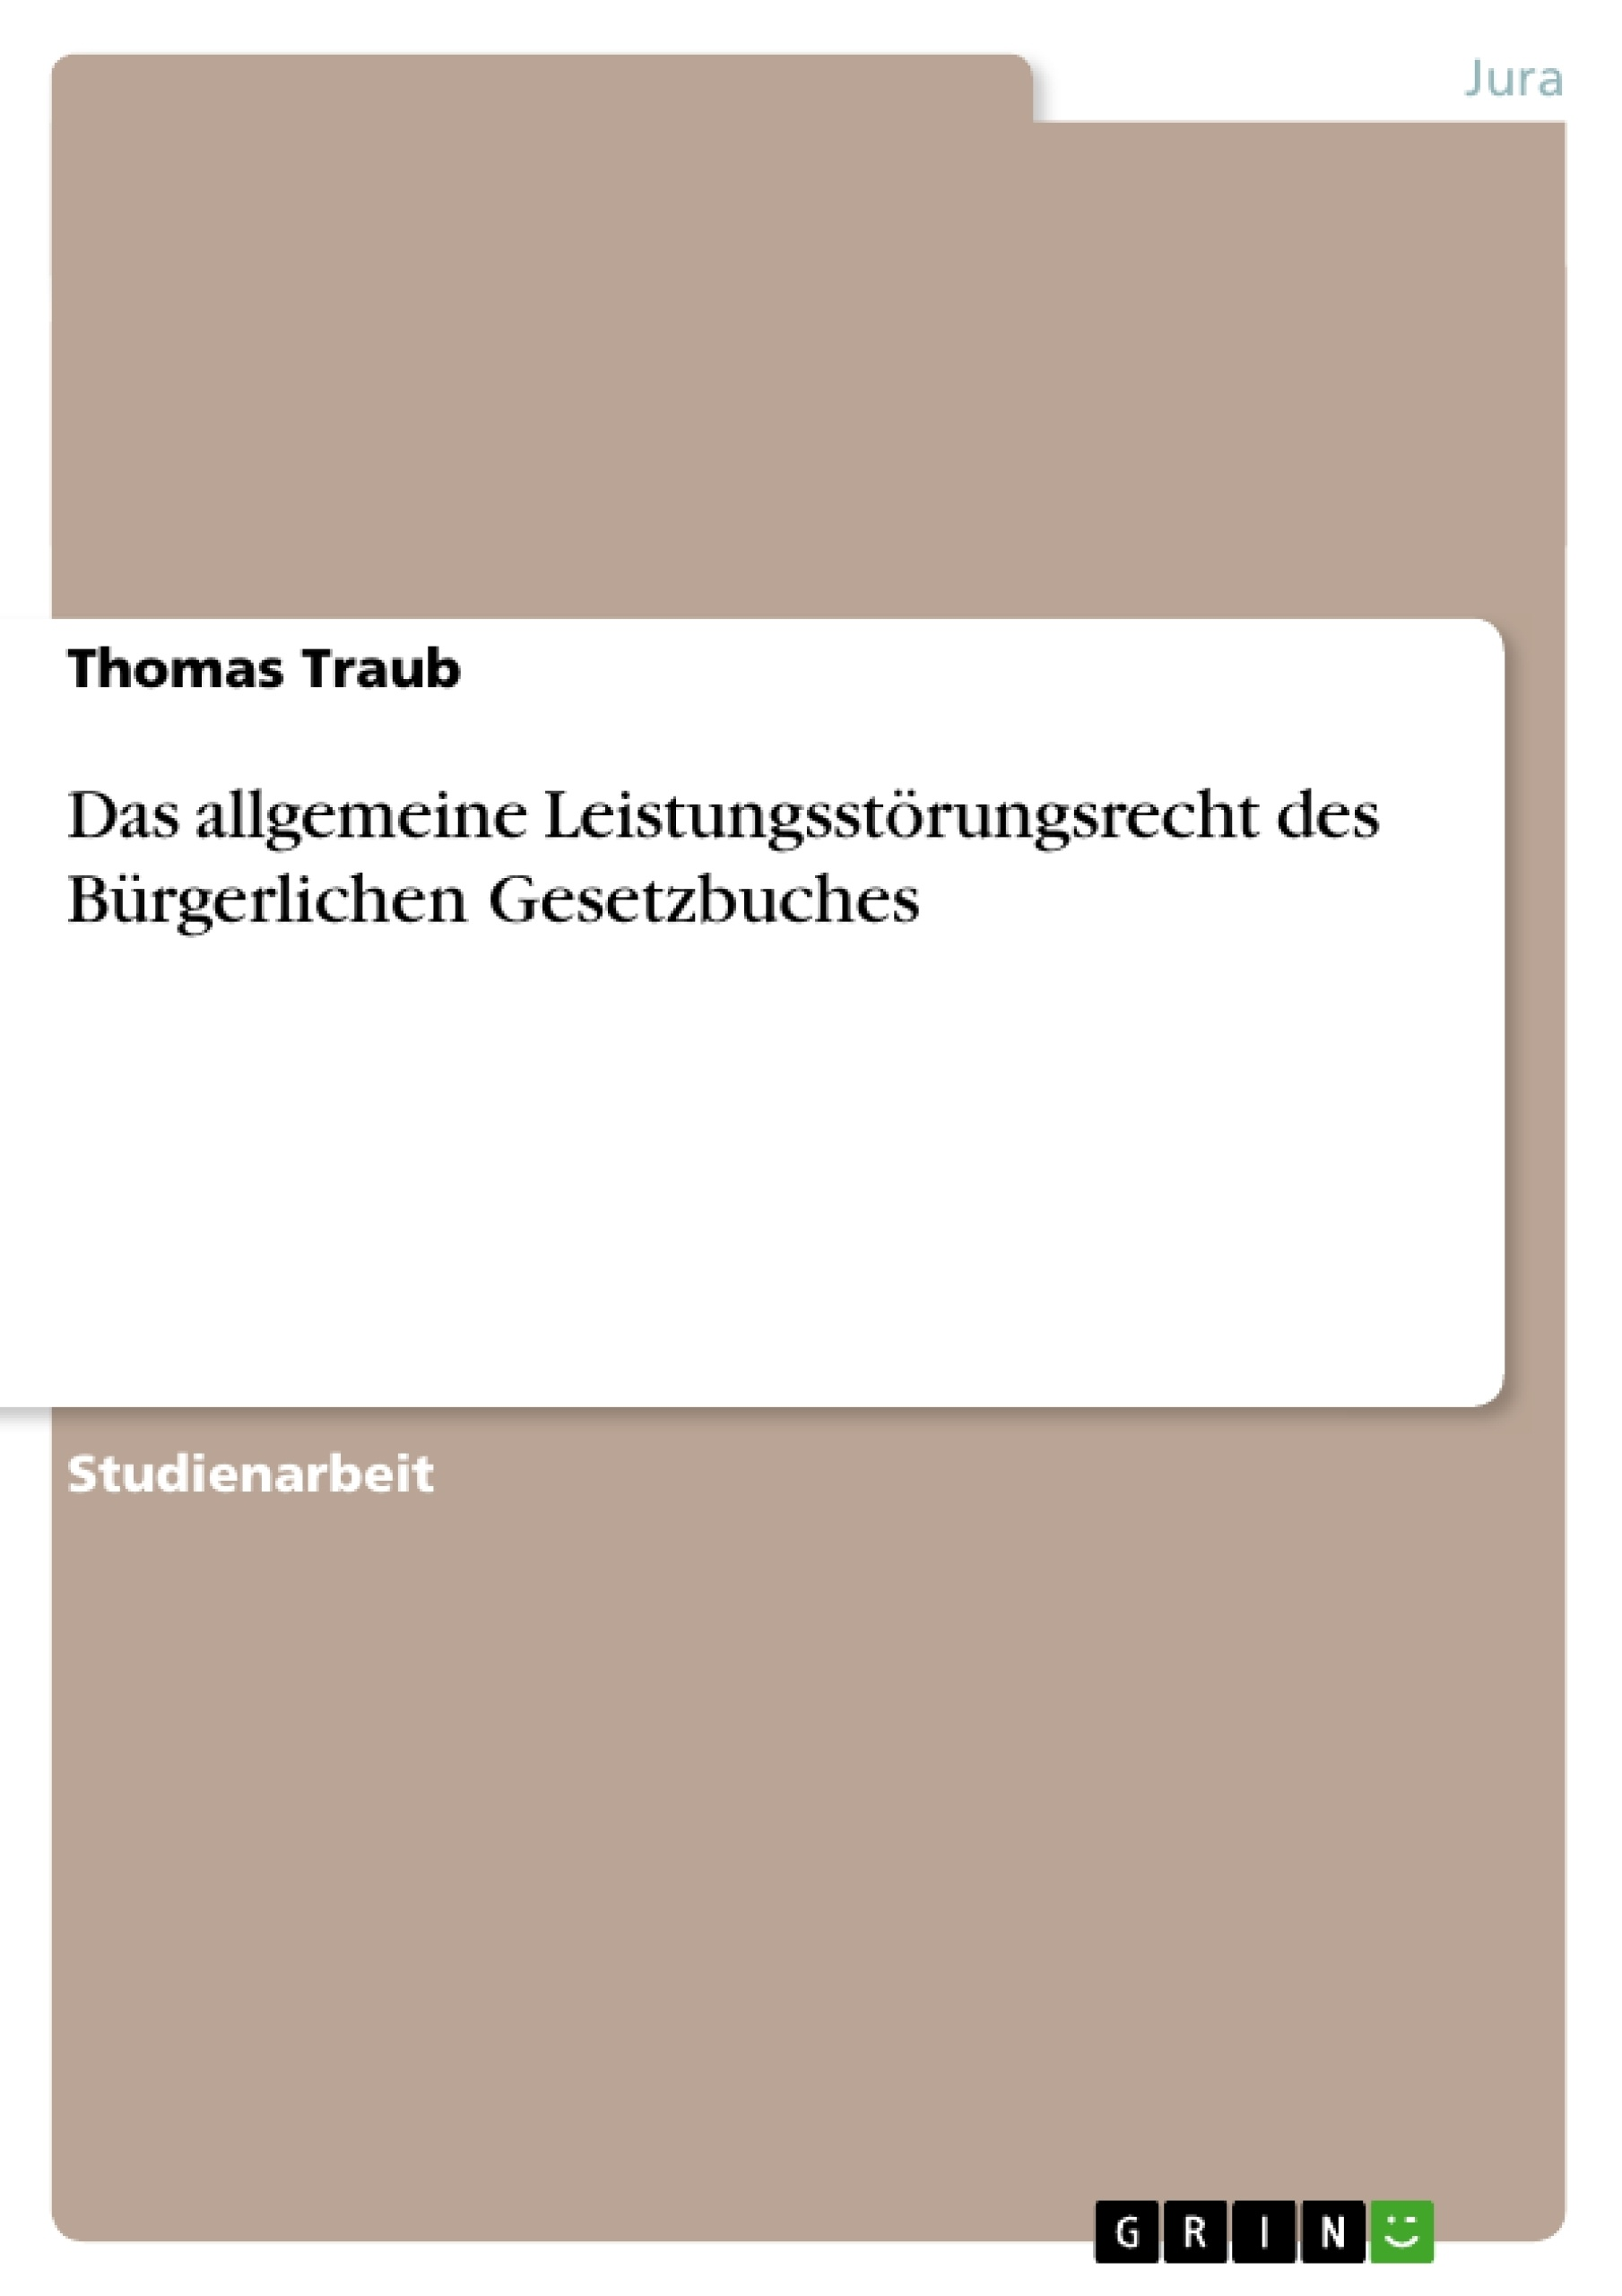 Titel: Das allgemeine Leistungsstörungsrecht des Bürgerlichen Gesetzbuches